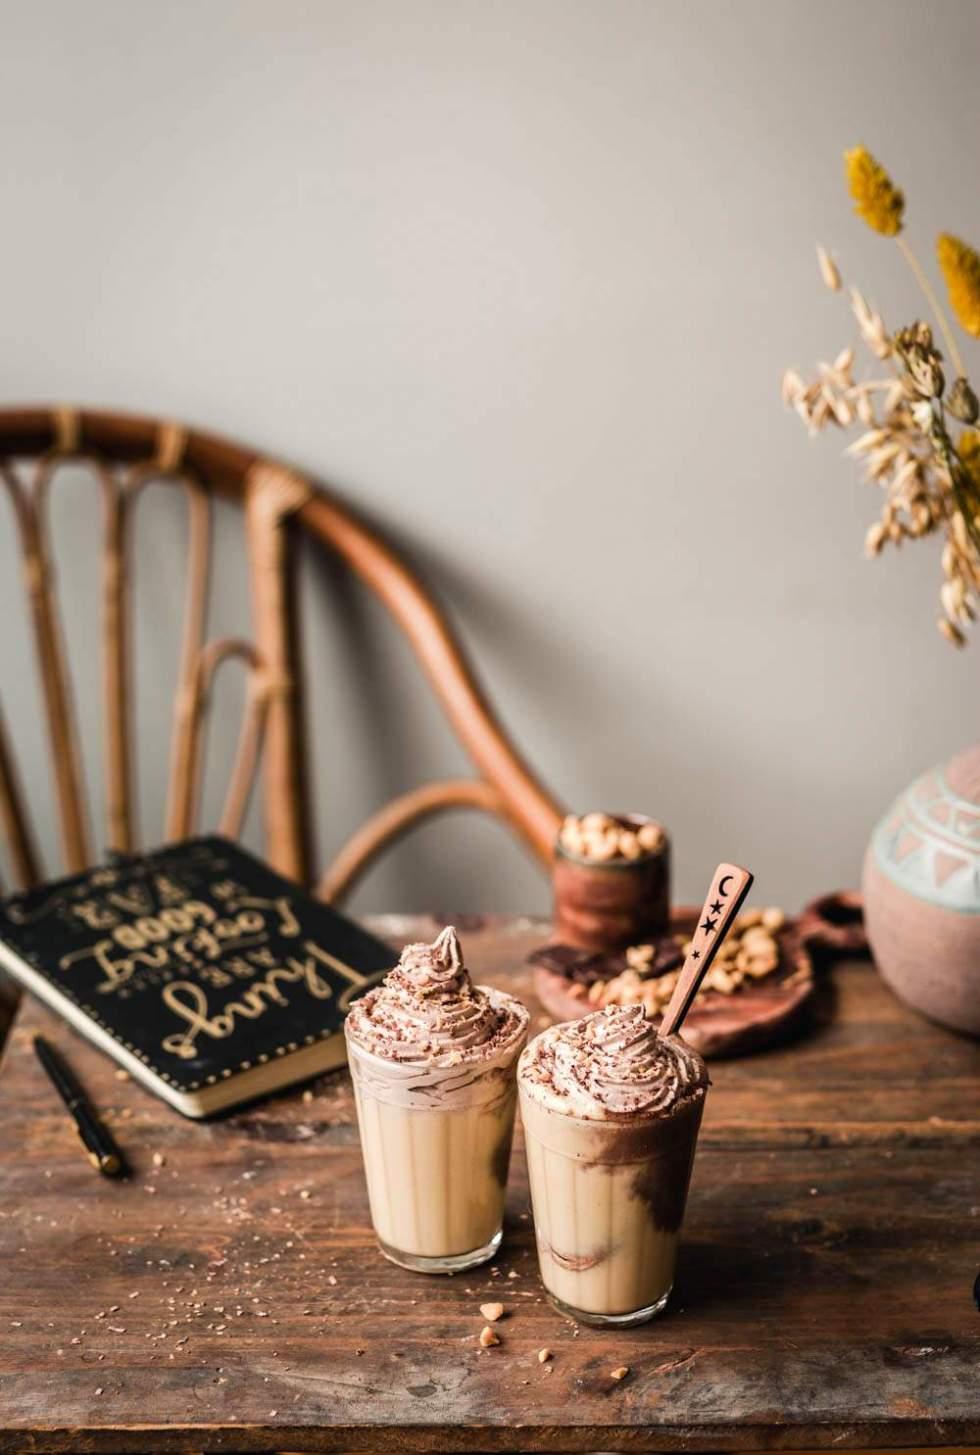 Snickers milkshake for dessert